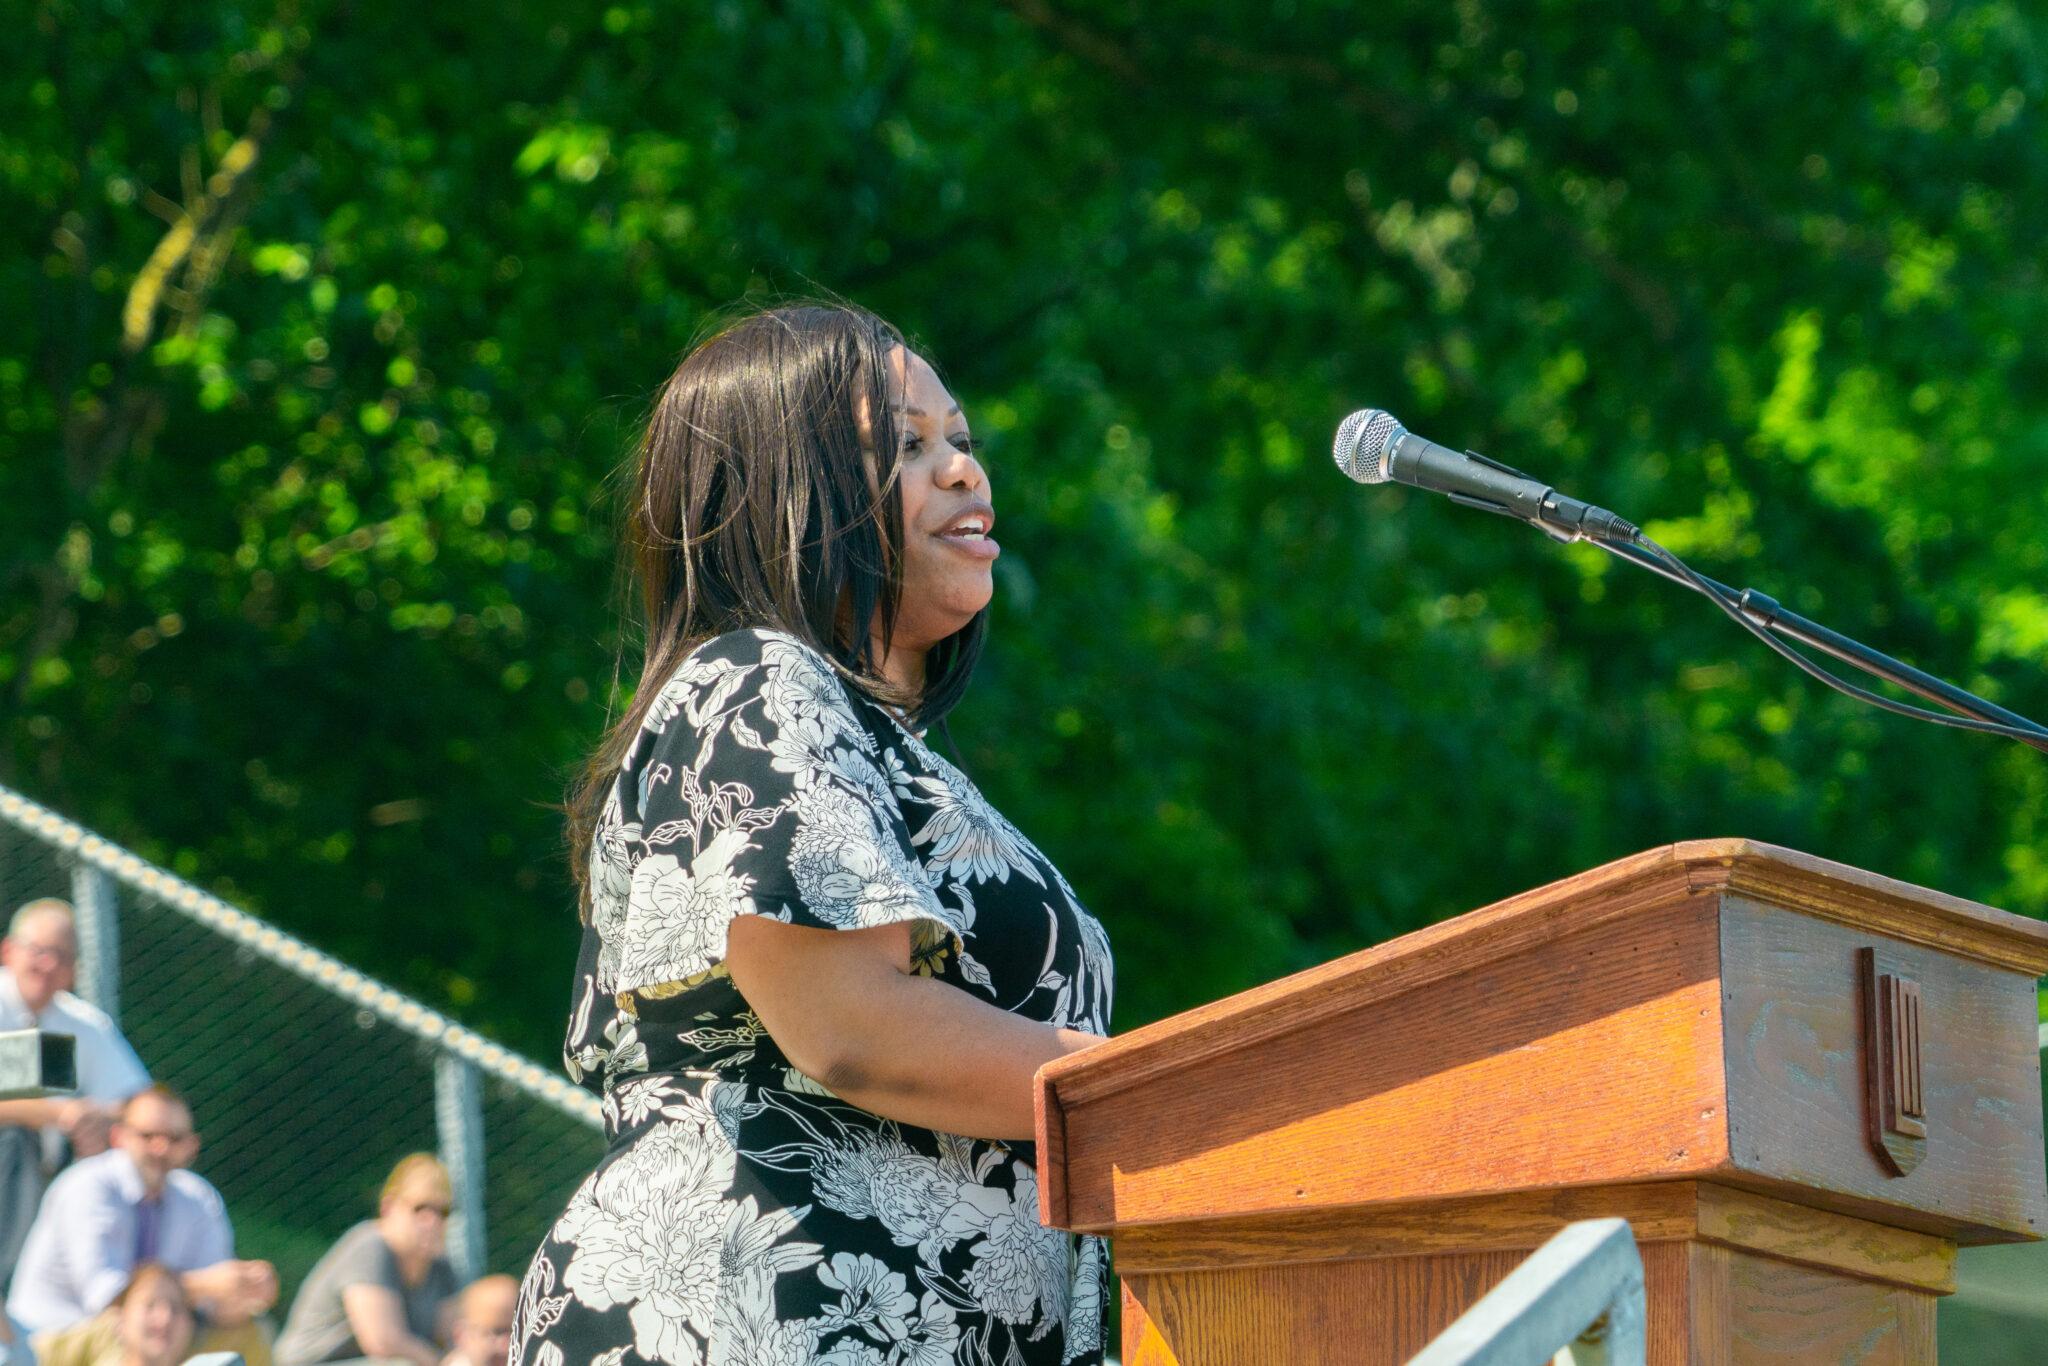 graduation speaker giving commencement address